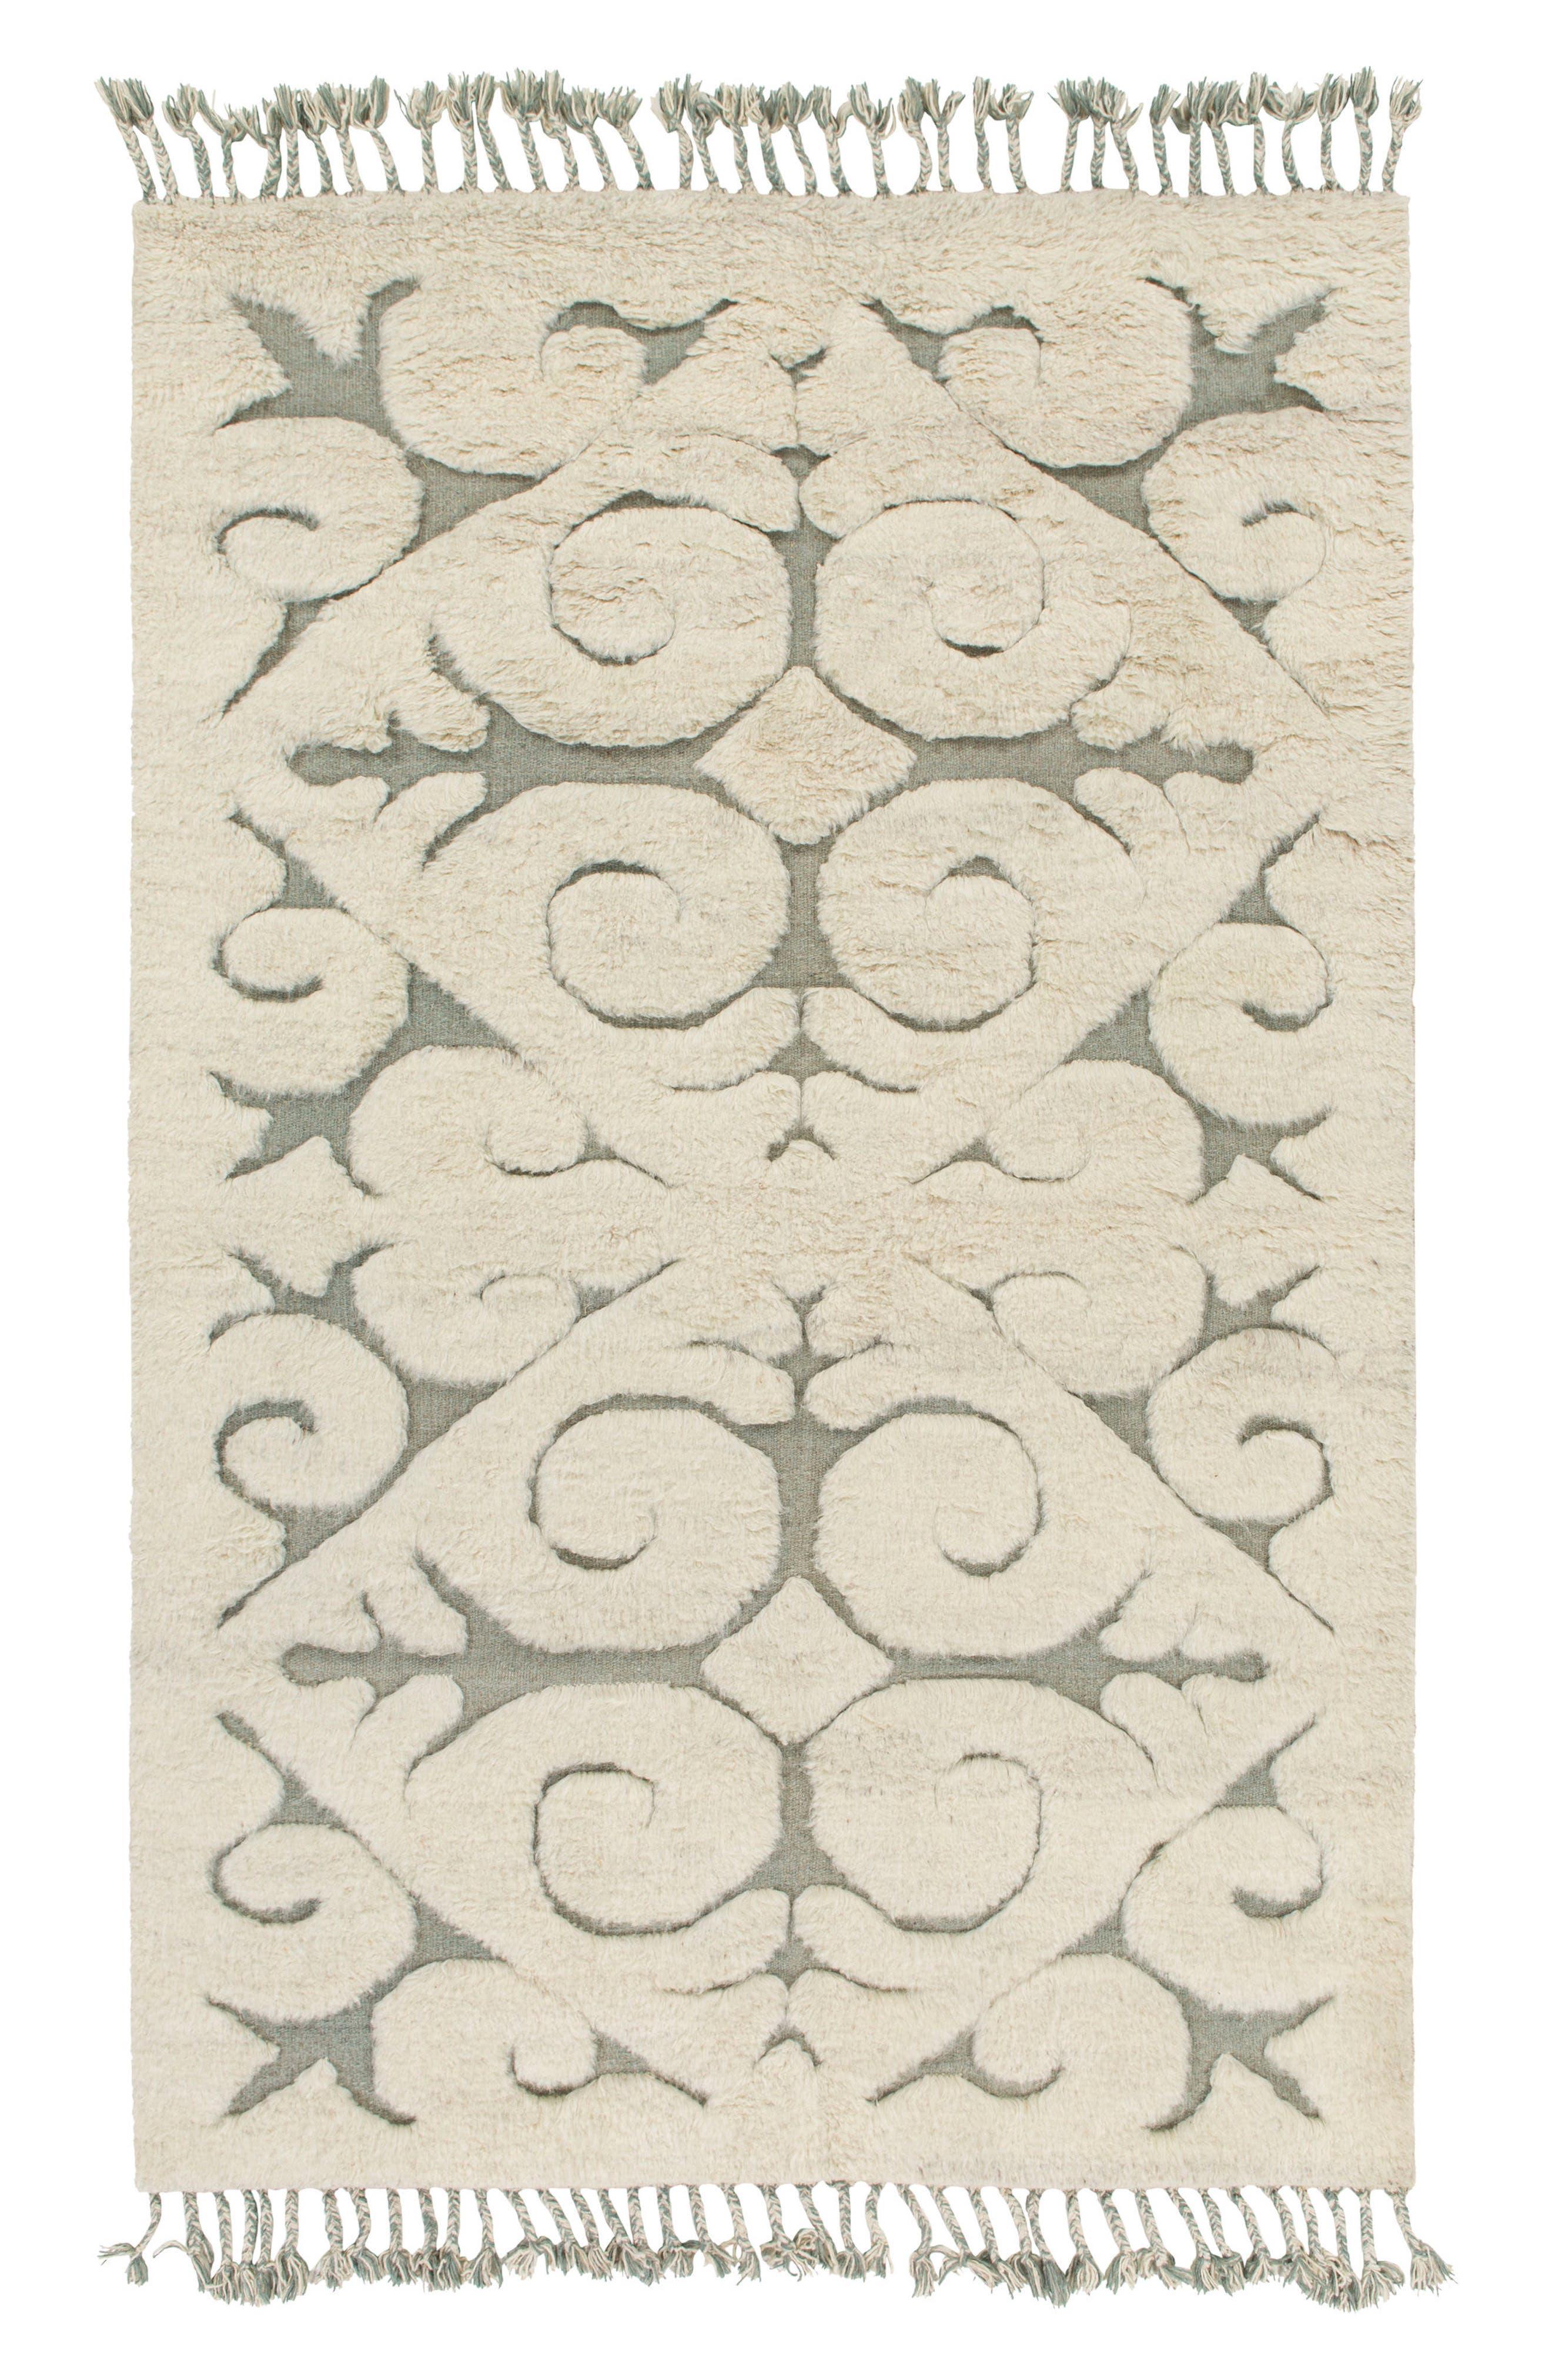 Alternate Image 1 Selected - Surya Home Chloe Tassels Wool Rug